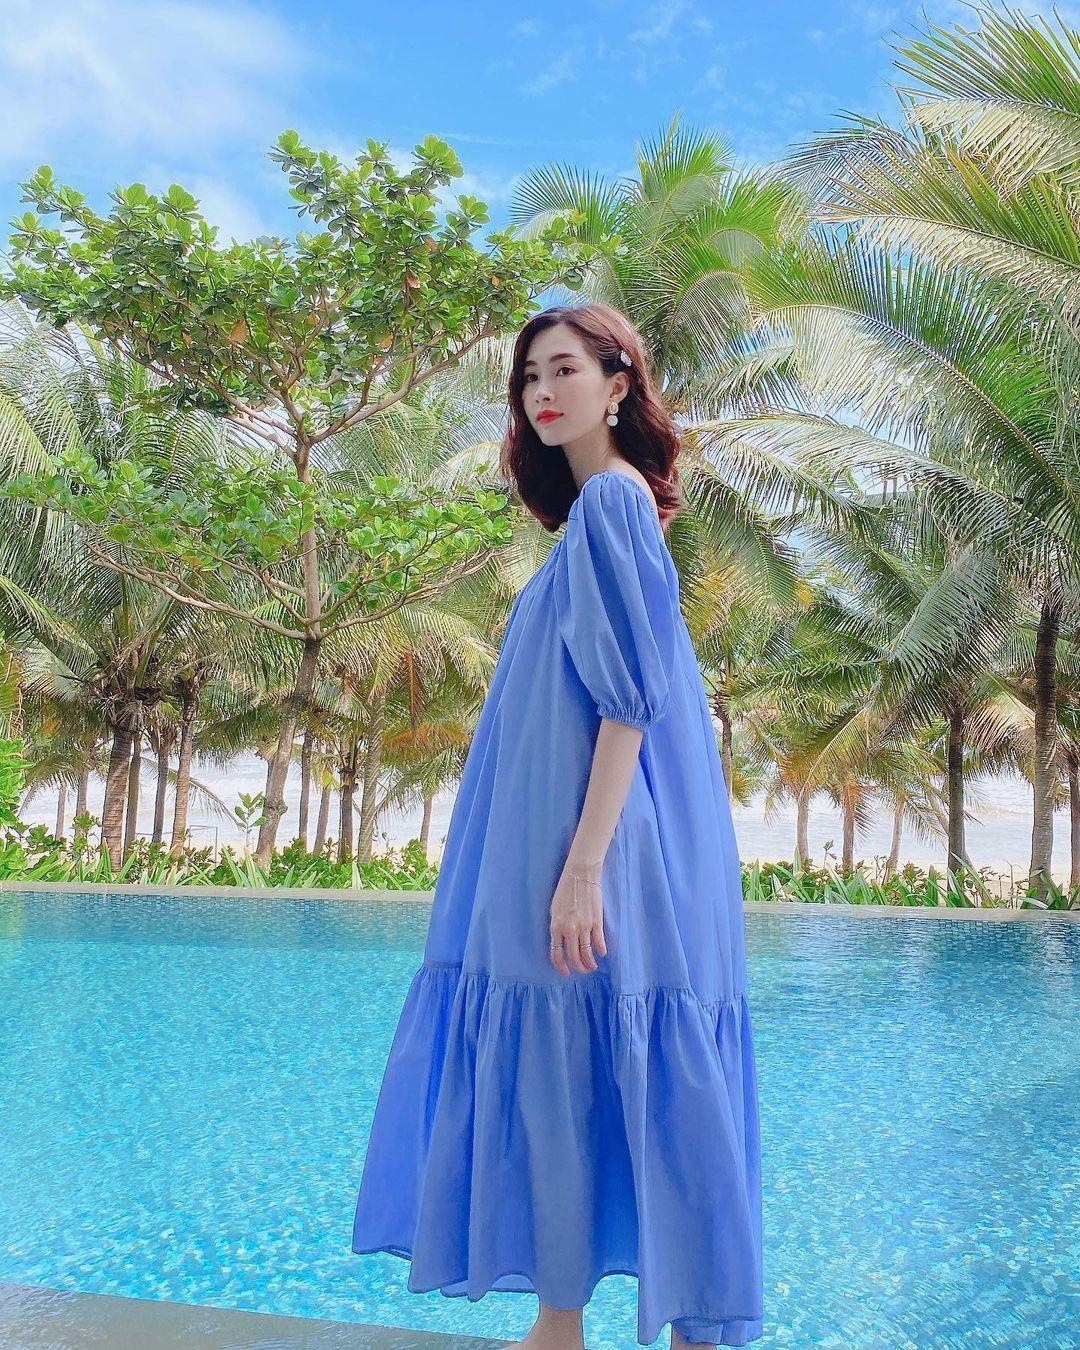 HH Thu Thảo chuyên diện 3 màu trang phục tươi tắn này, bảo sao lúc nào cũng đẹp dịu dàng và trẻ hơn tuổi - Ảnh 9